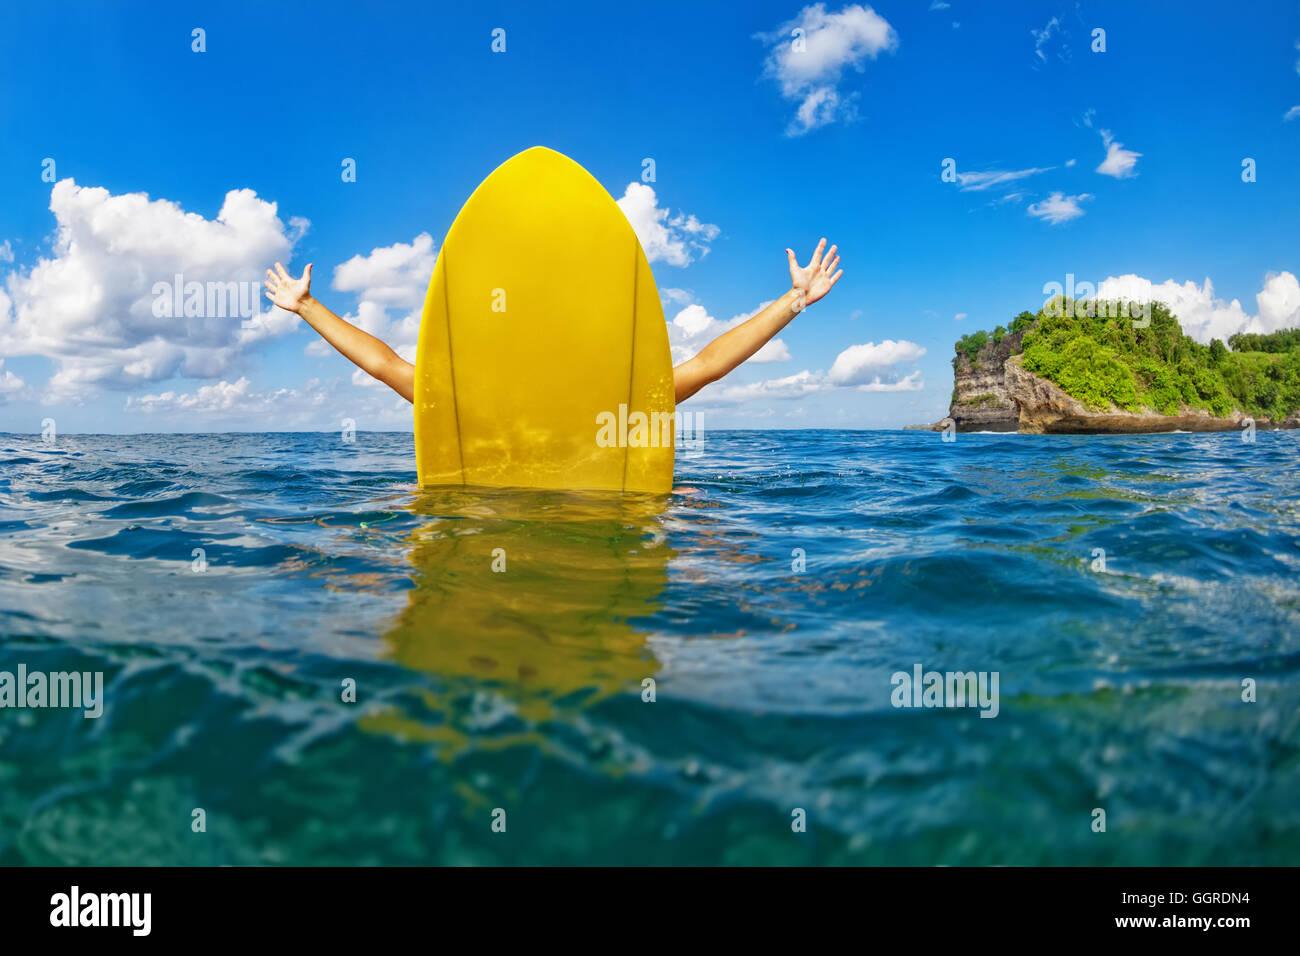 Les jeunes professionnels surfer girl avec diffusion de mains s'asseoir sur le surf board et a l'amusement. Photo Stock